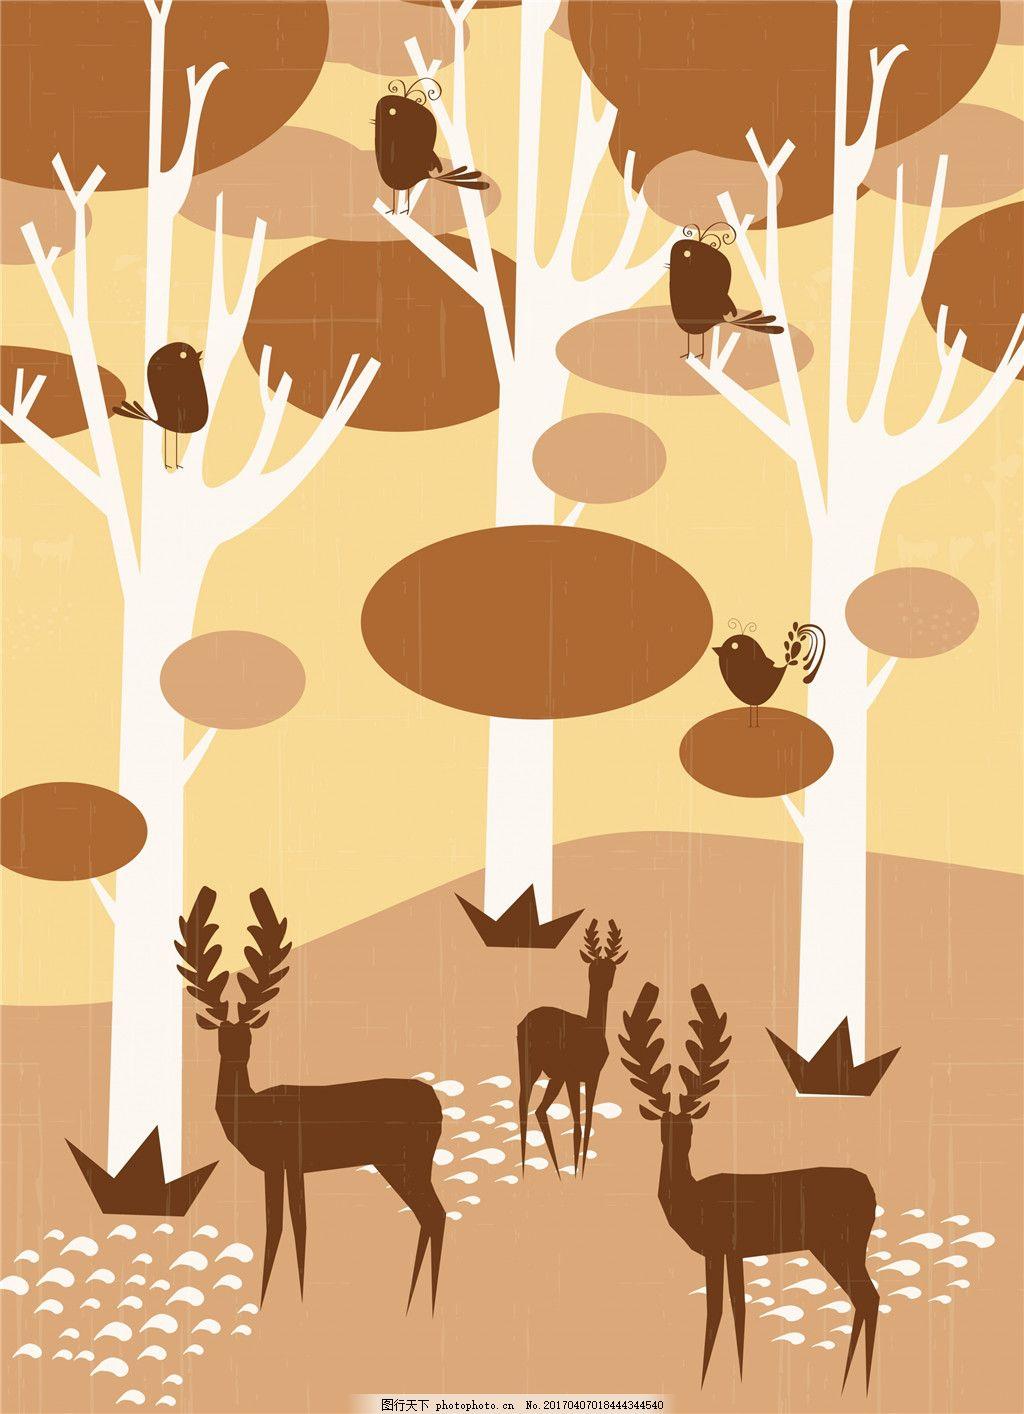 扁平化秋季森林插画 秋季插画 树木 剪影 麋鹿 麋鹿剪影 手绘动物